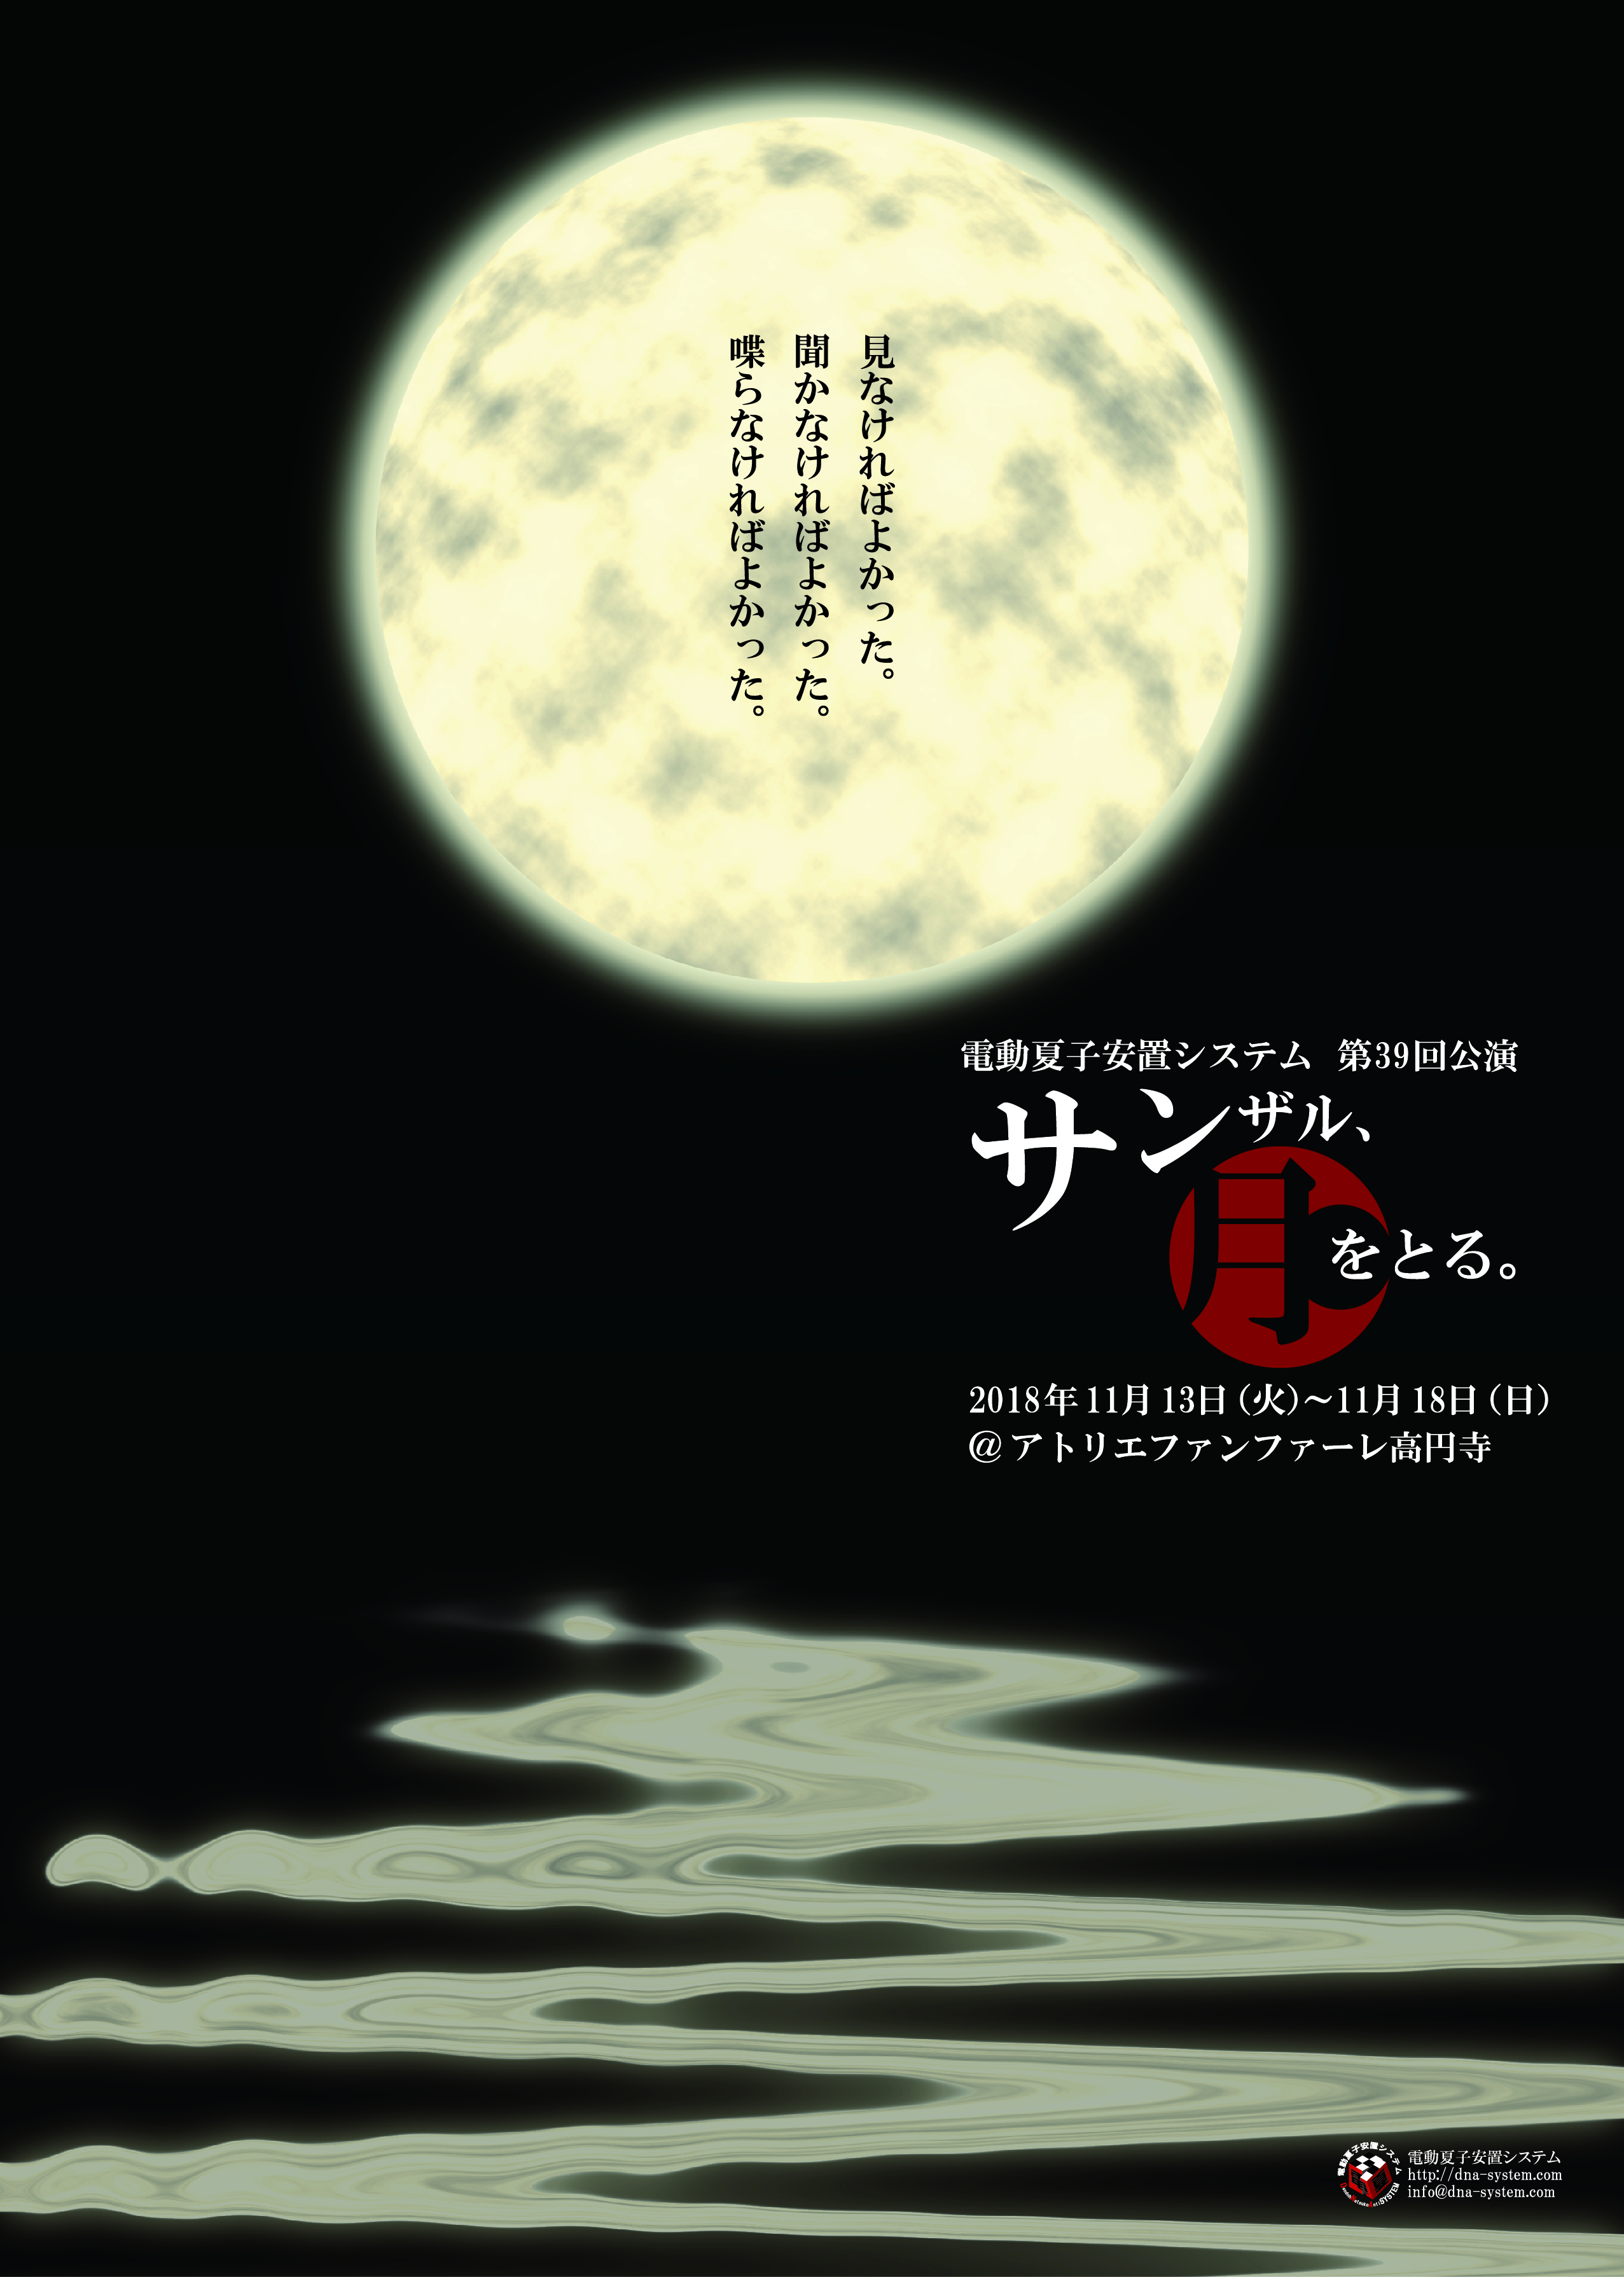 DVD第39回公演『サンザル、月をとる。』